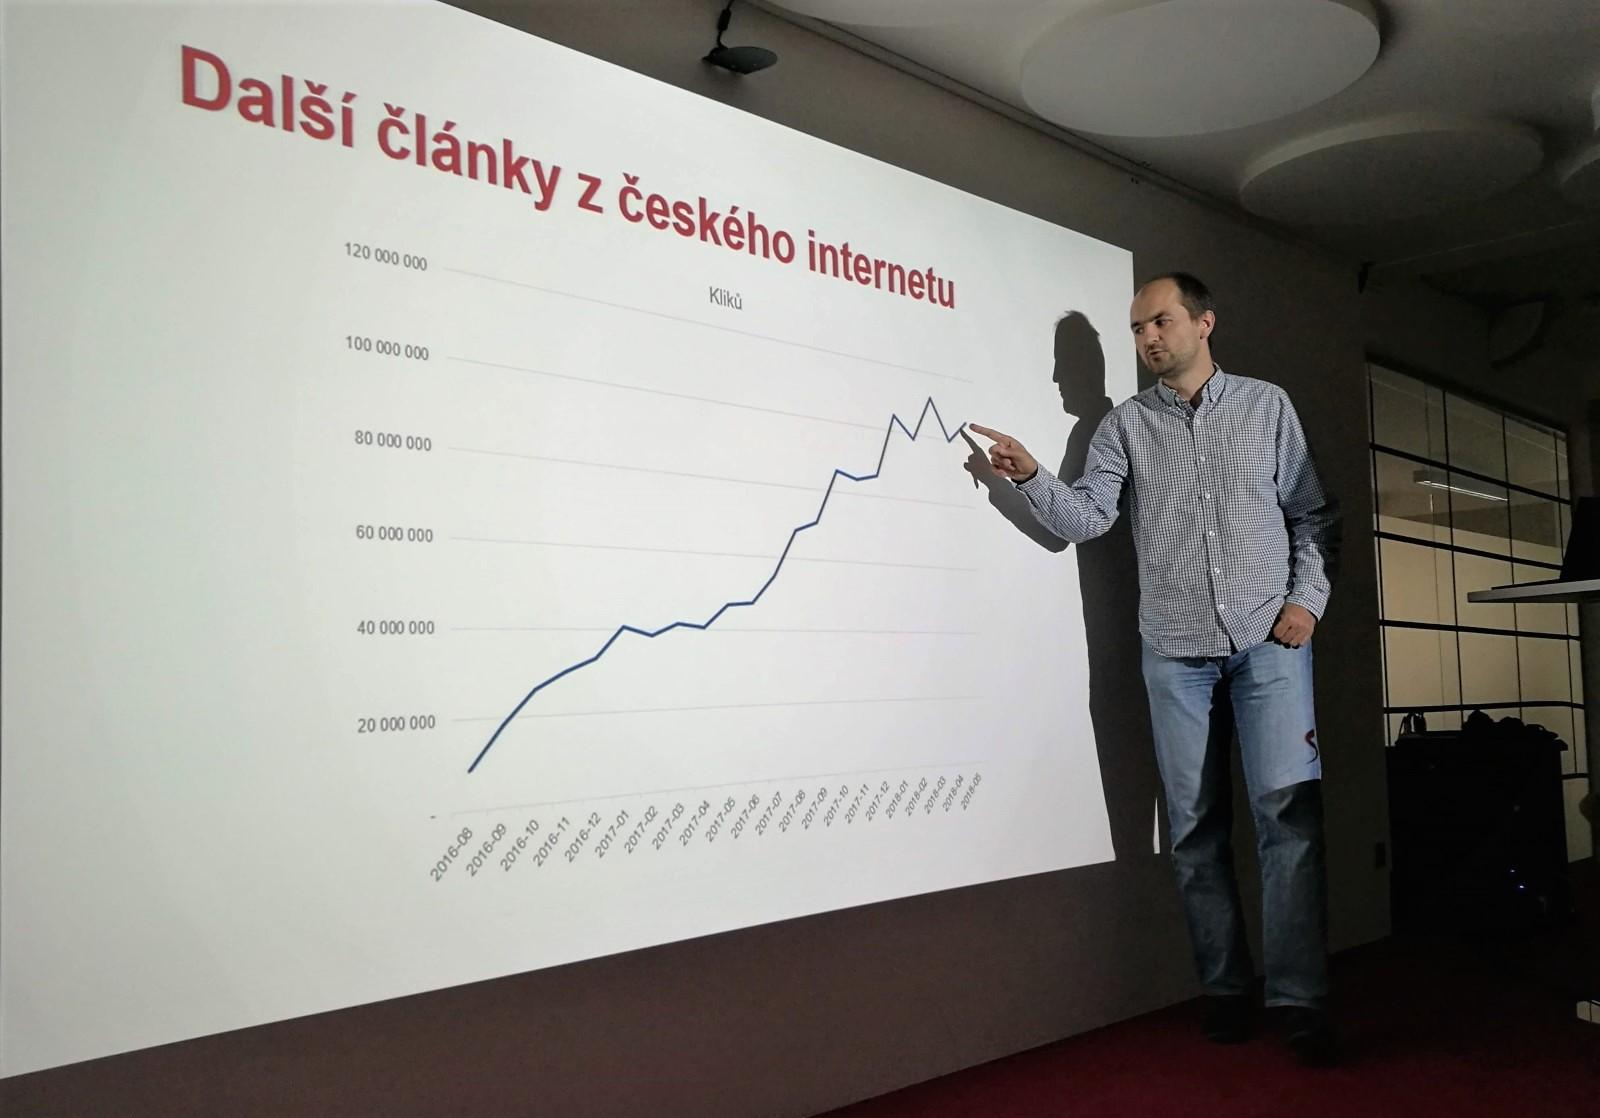 Pavel Zima představuje čísla o sekci Další články z českého internetu